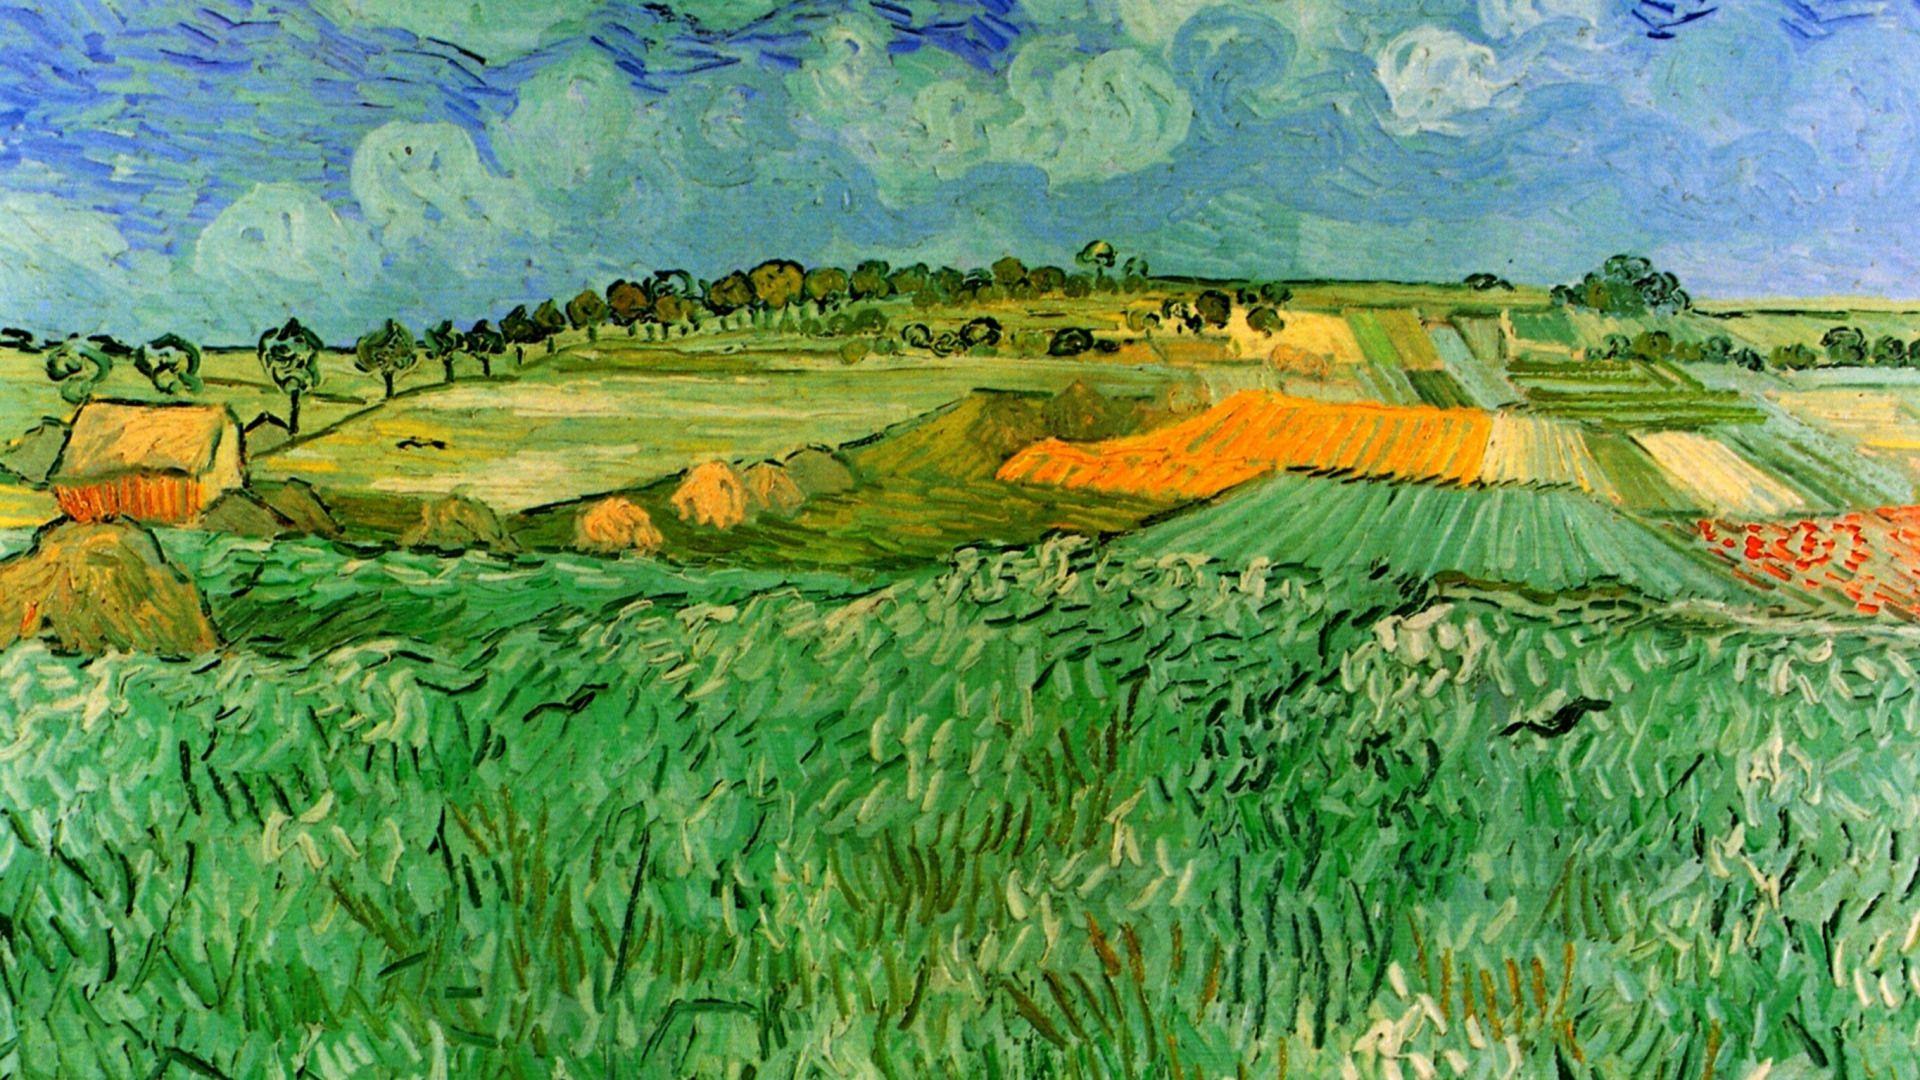 Wallpaper For Desktop Fields, Vincent Van Gogh, Auvers, Near Plain